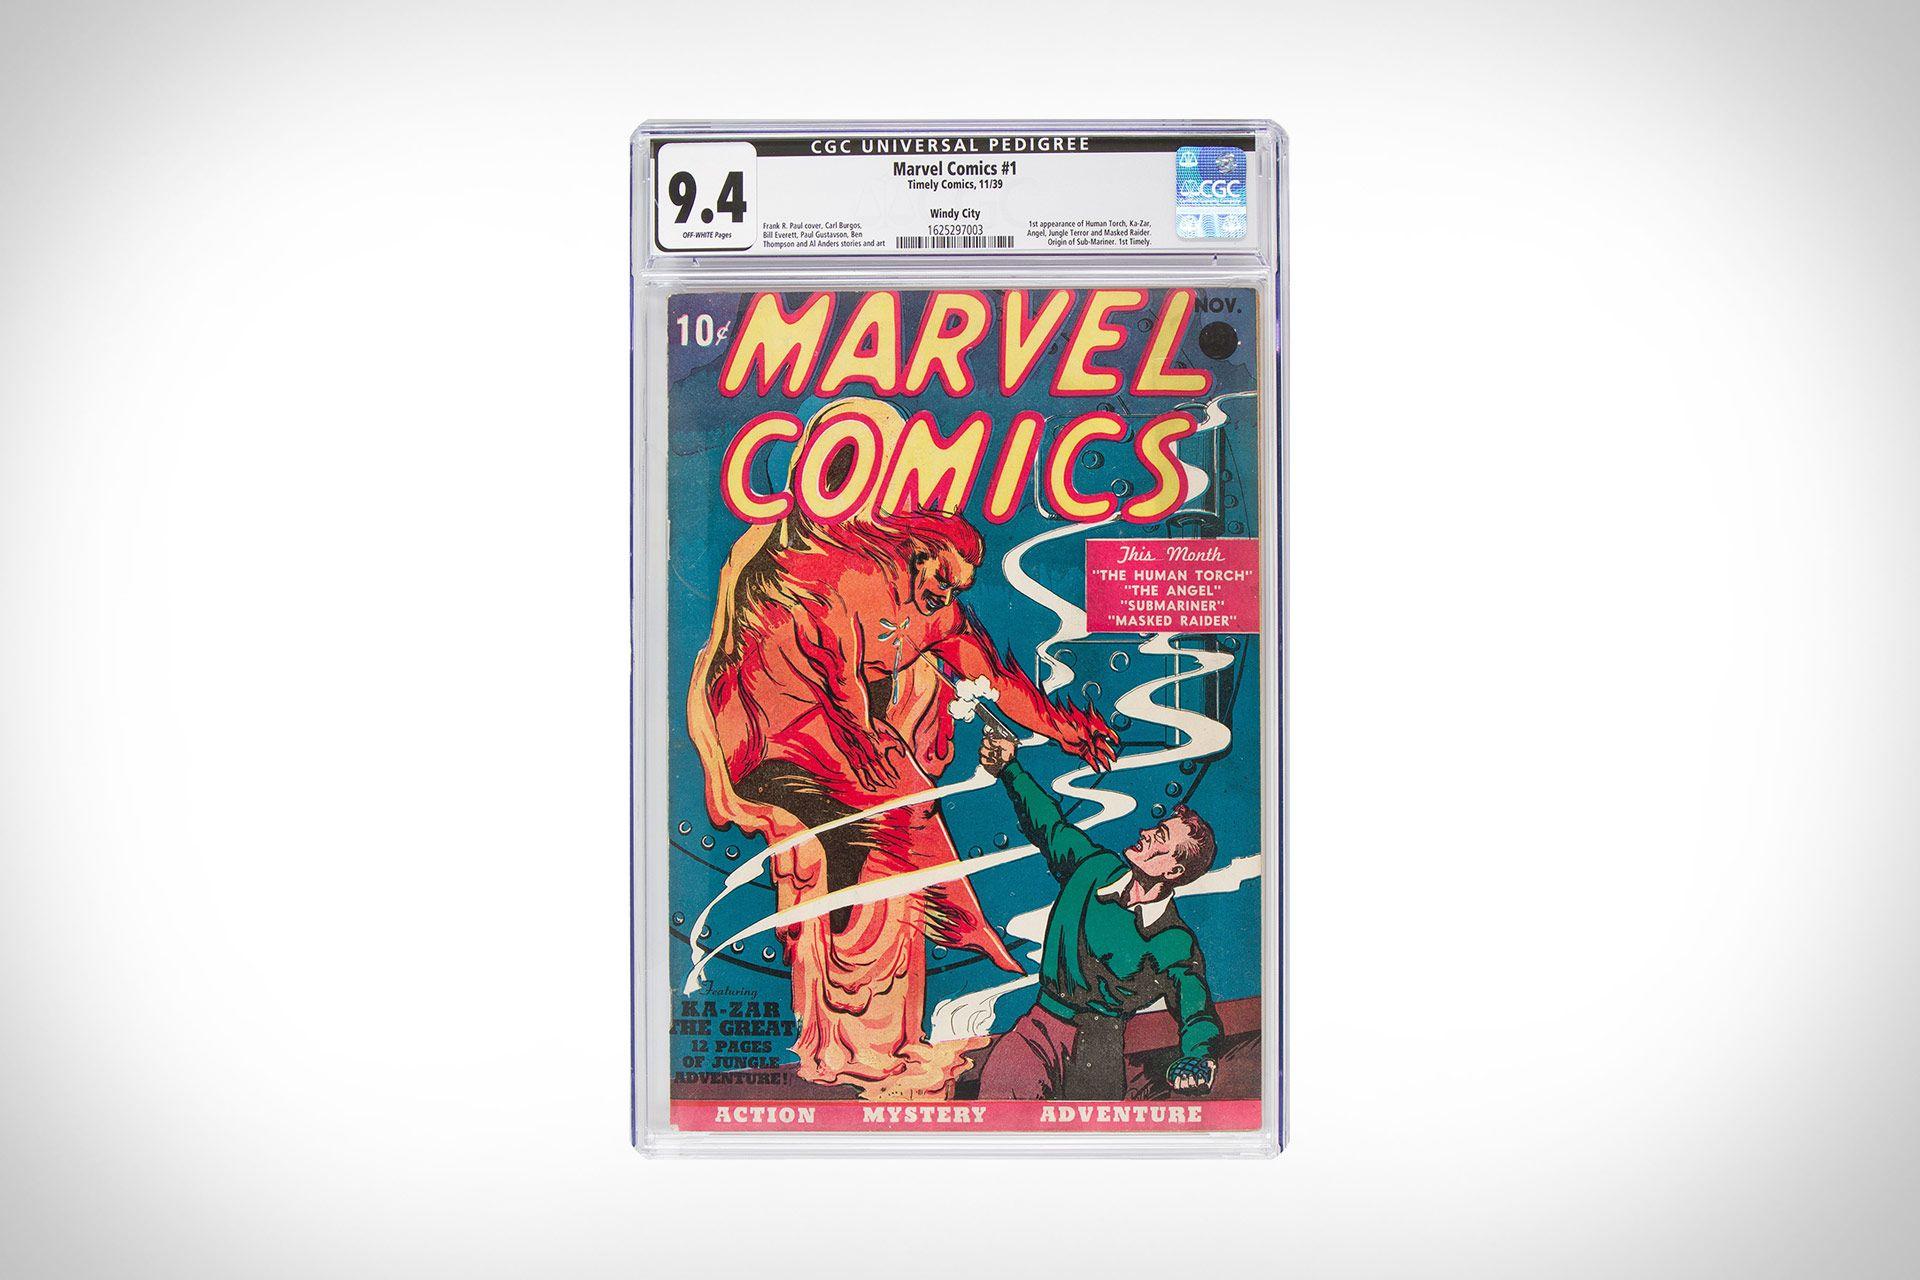 Highest Graded Marvel Comics 1 Sells For Over 1 Million